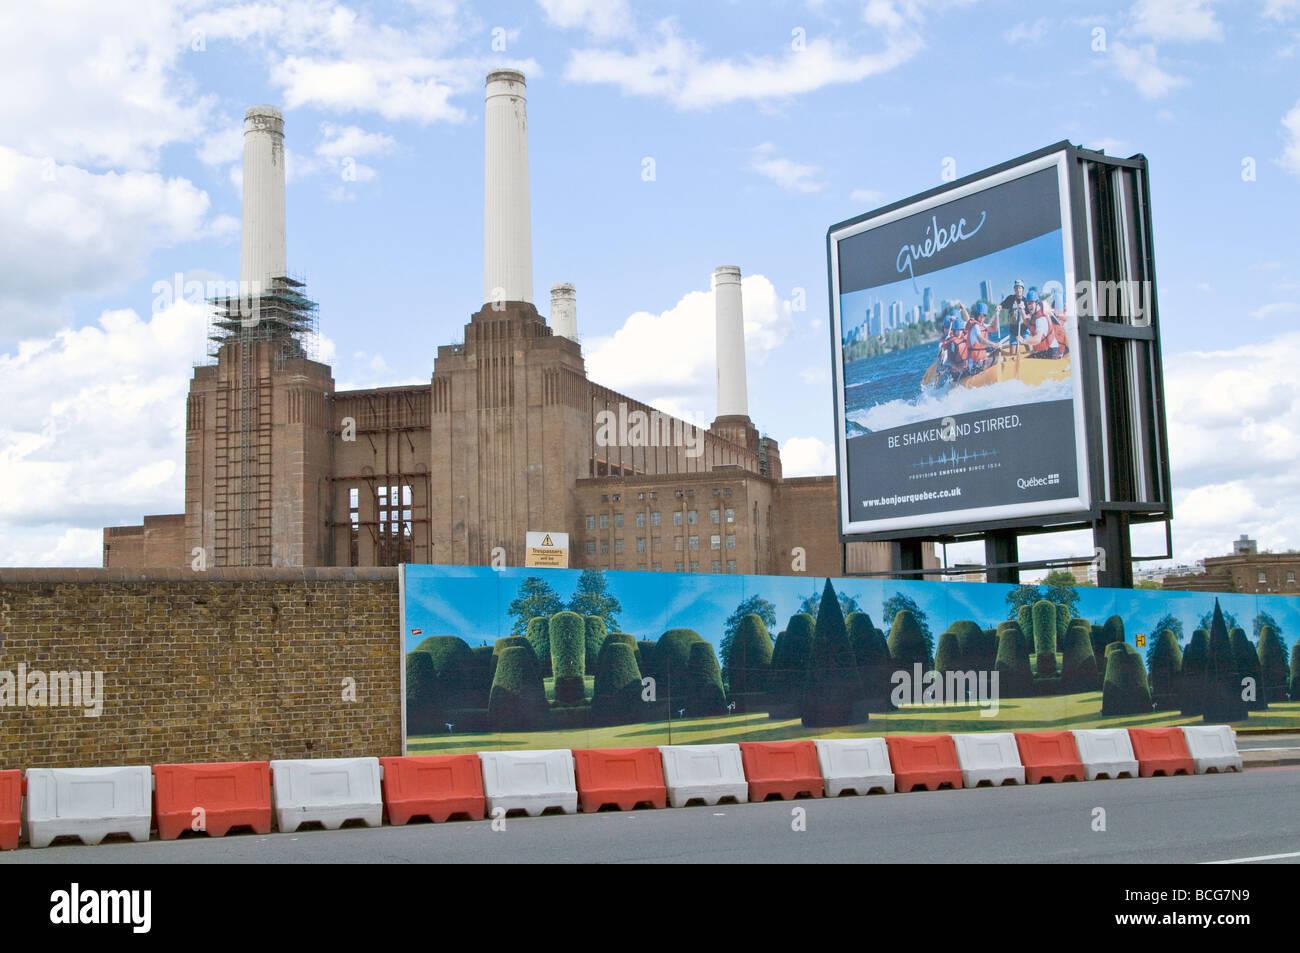 VEREINIGTES KÖNIGREICH. Battersea-Kraftwerk auf der Themse, London. Foto © Julio Etchart Stockbild